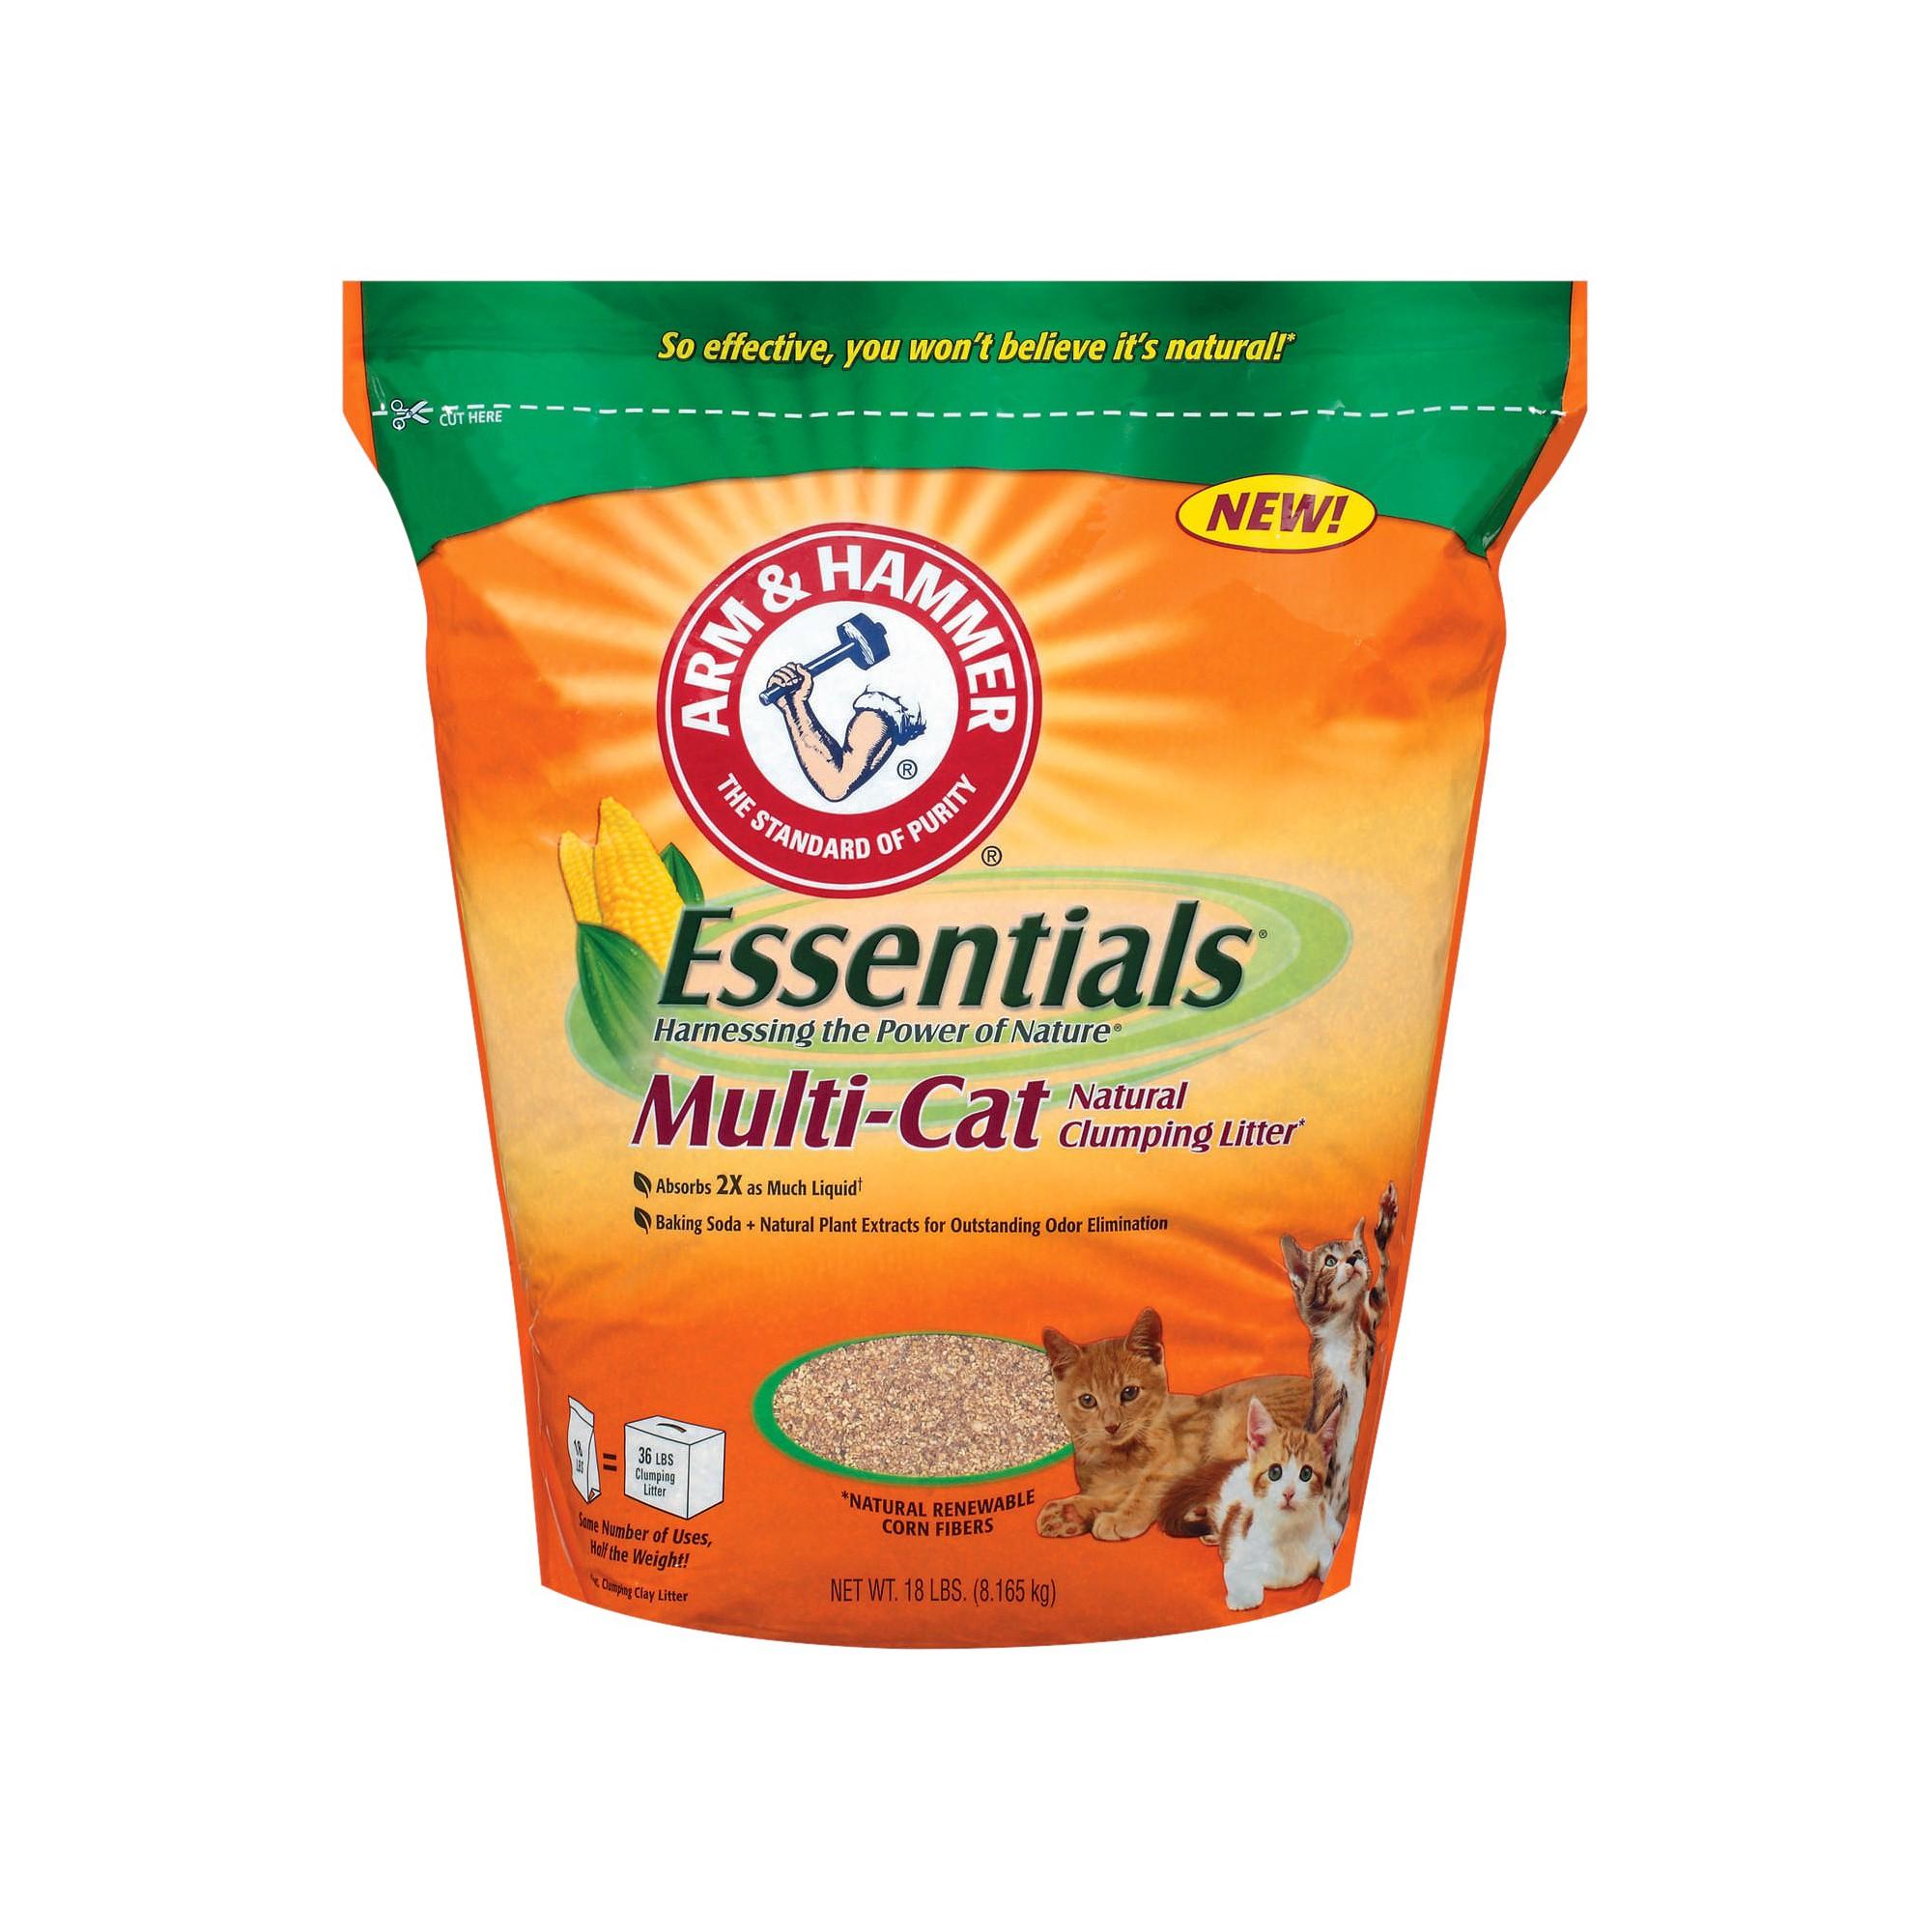 Arm & Hammer Essentials MultiCat Natural Clumping Cat